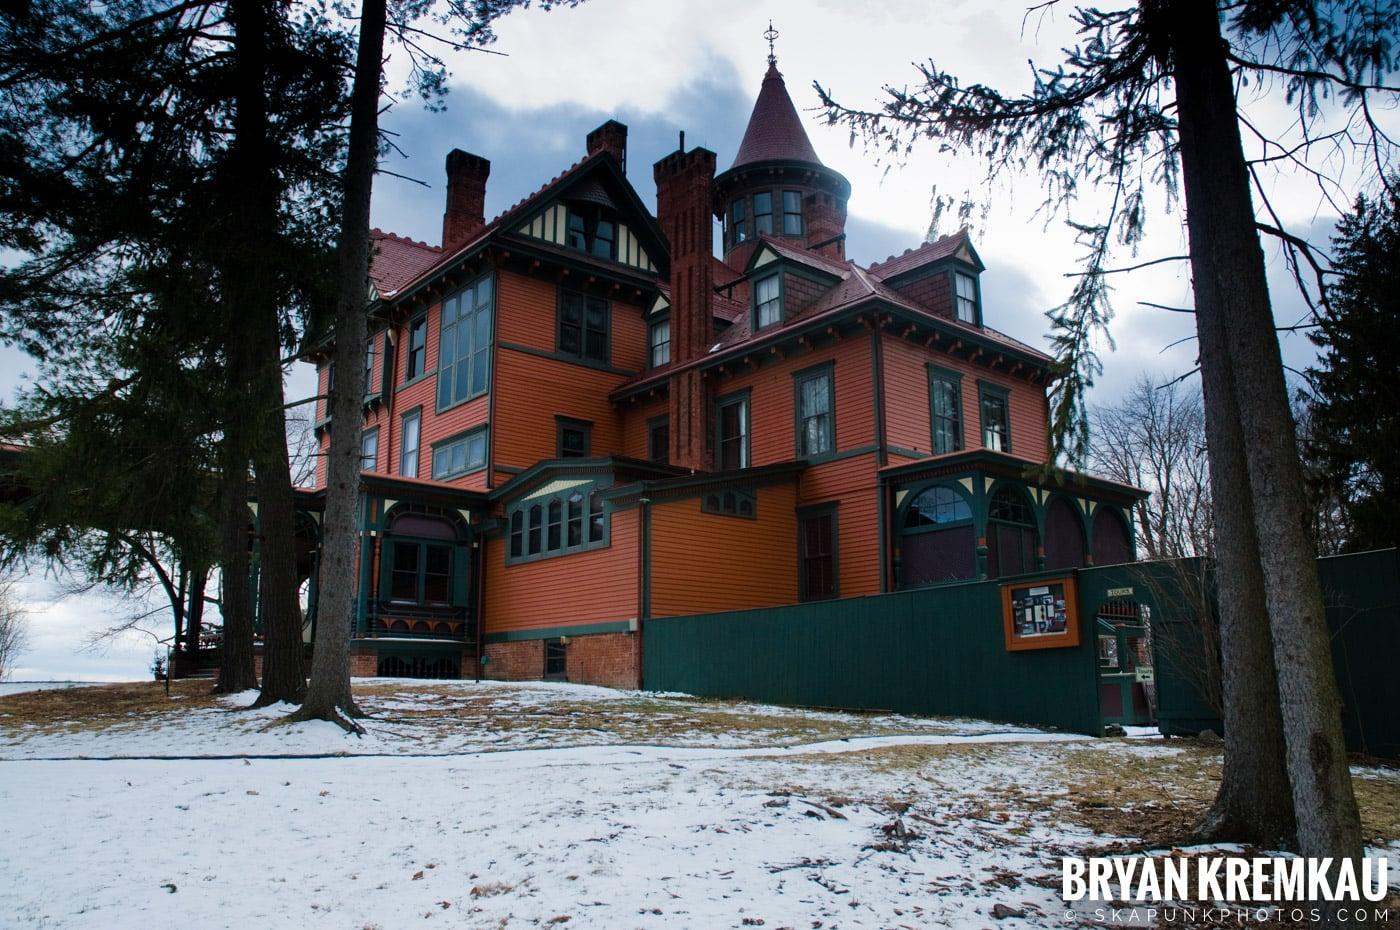 Valentine's Day Trip @ Rhinebeck, FDR's Home, Vanderbilt, Wilderstein Historic Site, NY - 2.14.10 (43)